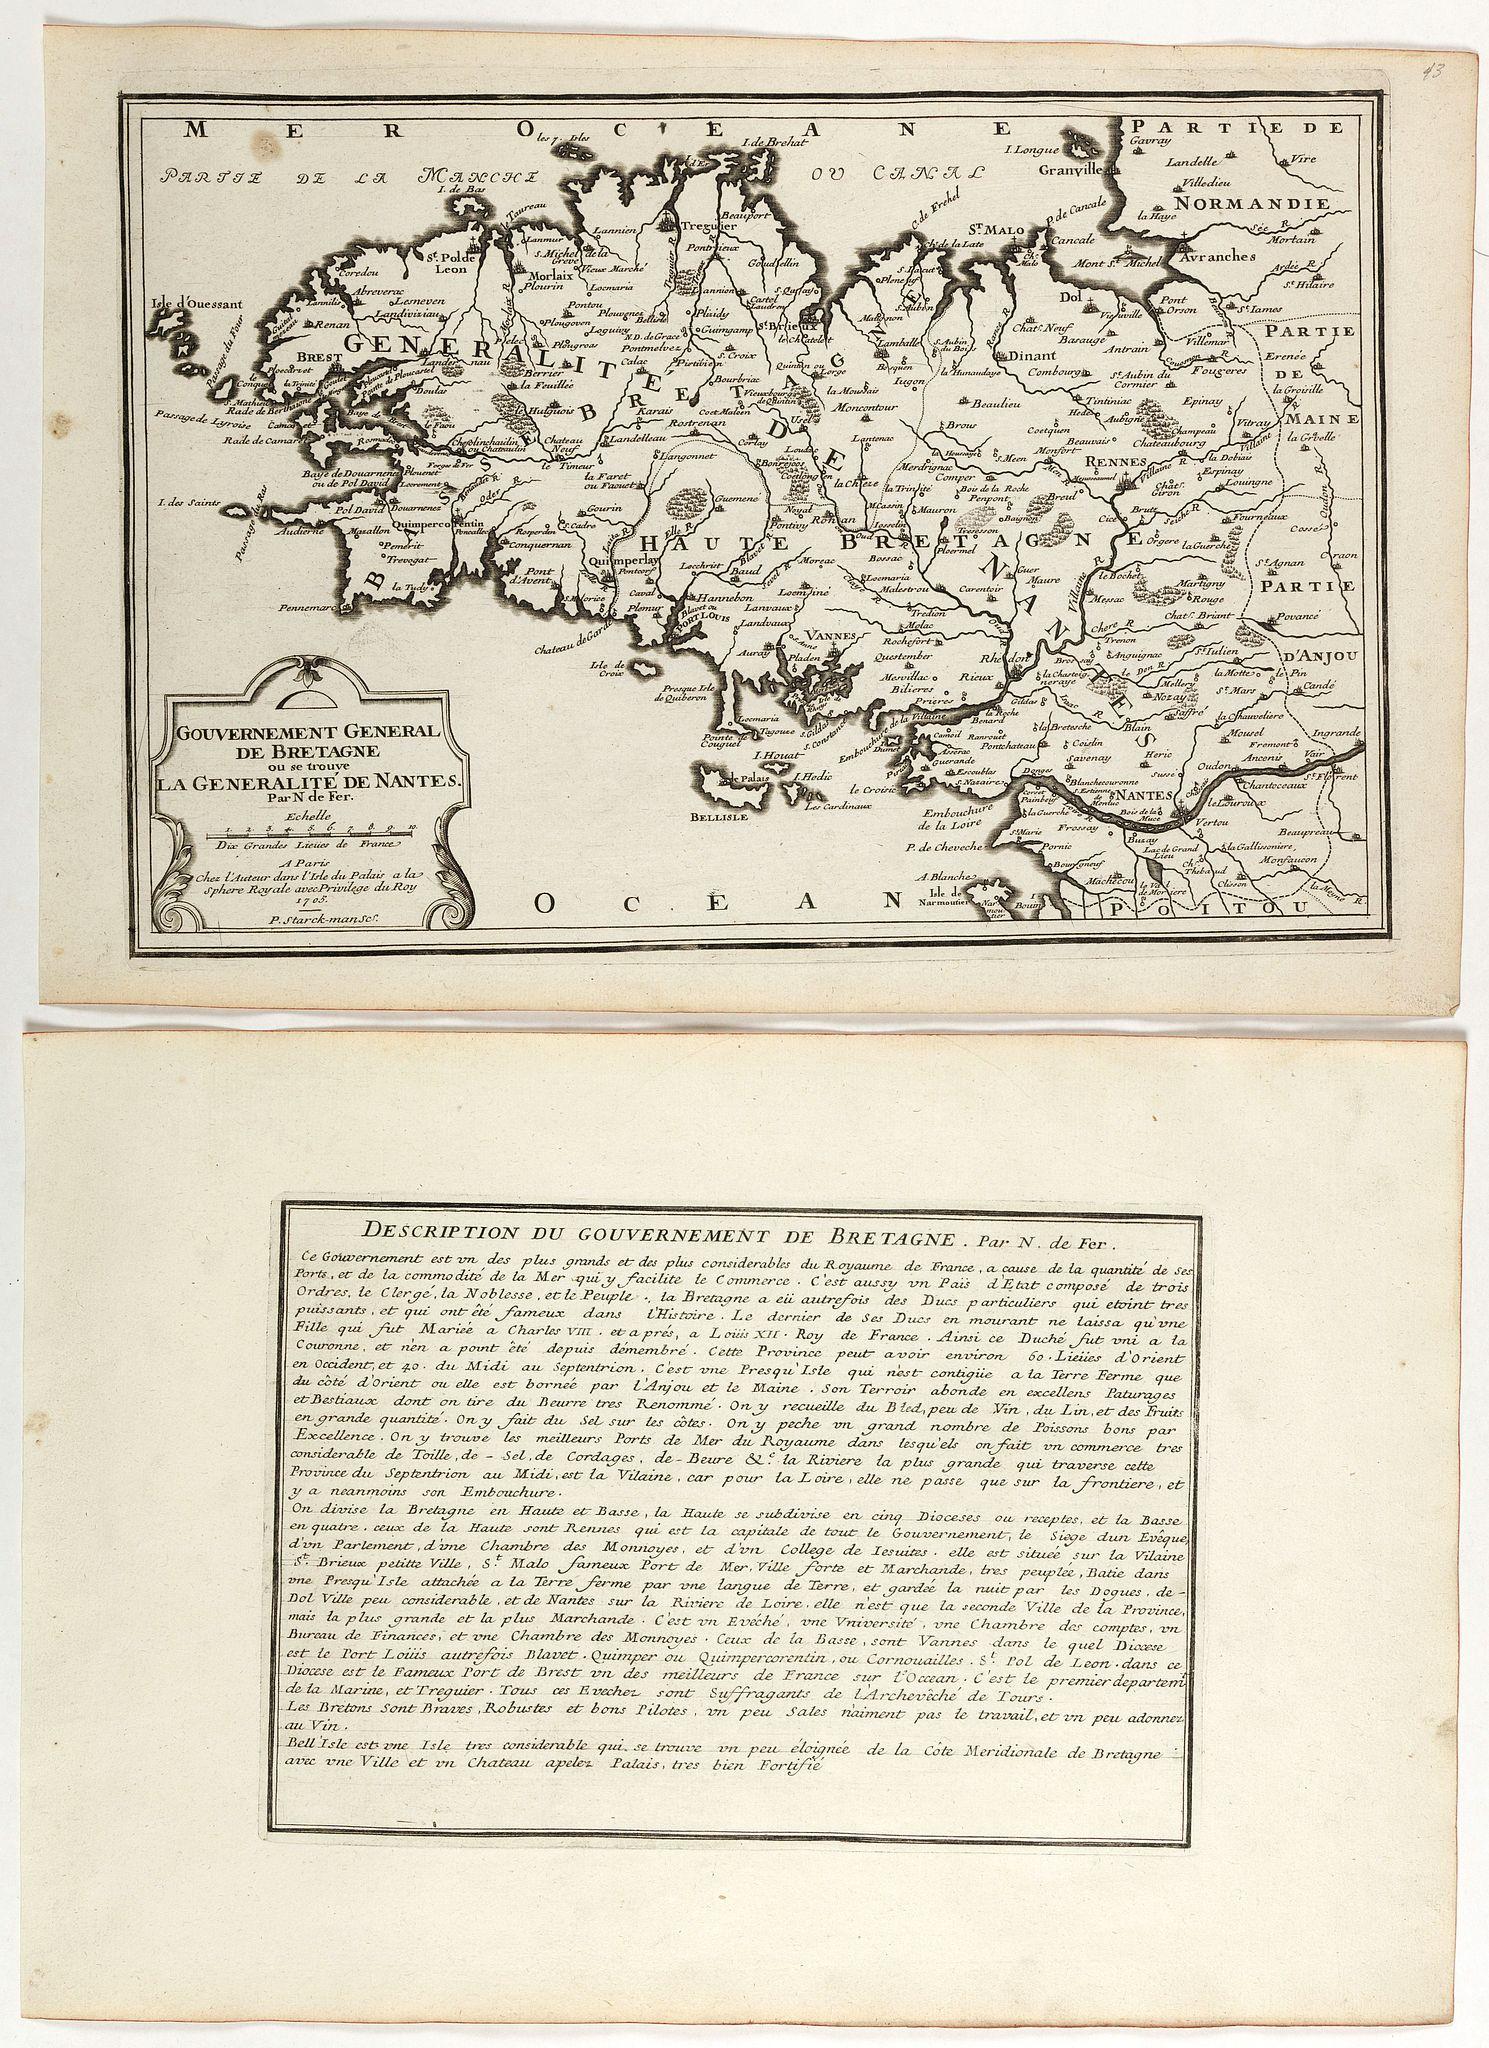 DE FER, N. -  Gouvernement general de Bretagne ou se trouve la Generalité de Nantes.